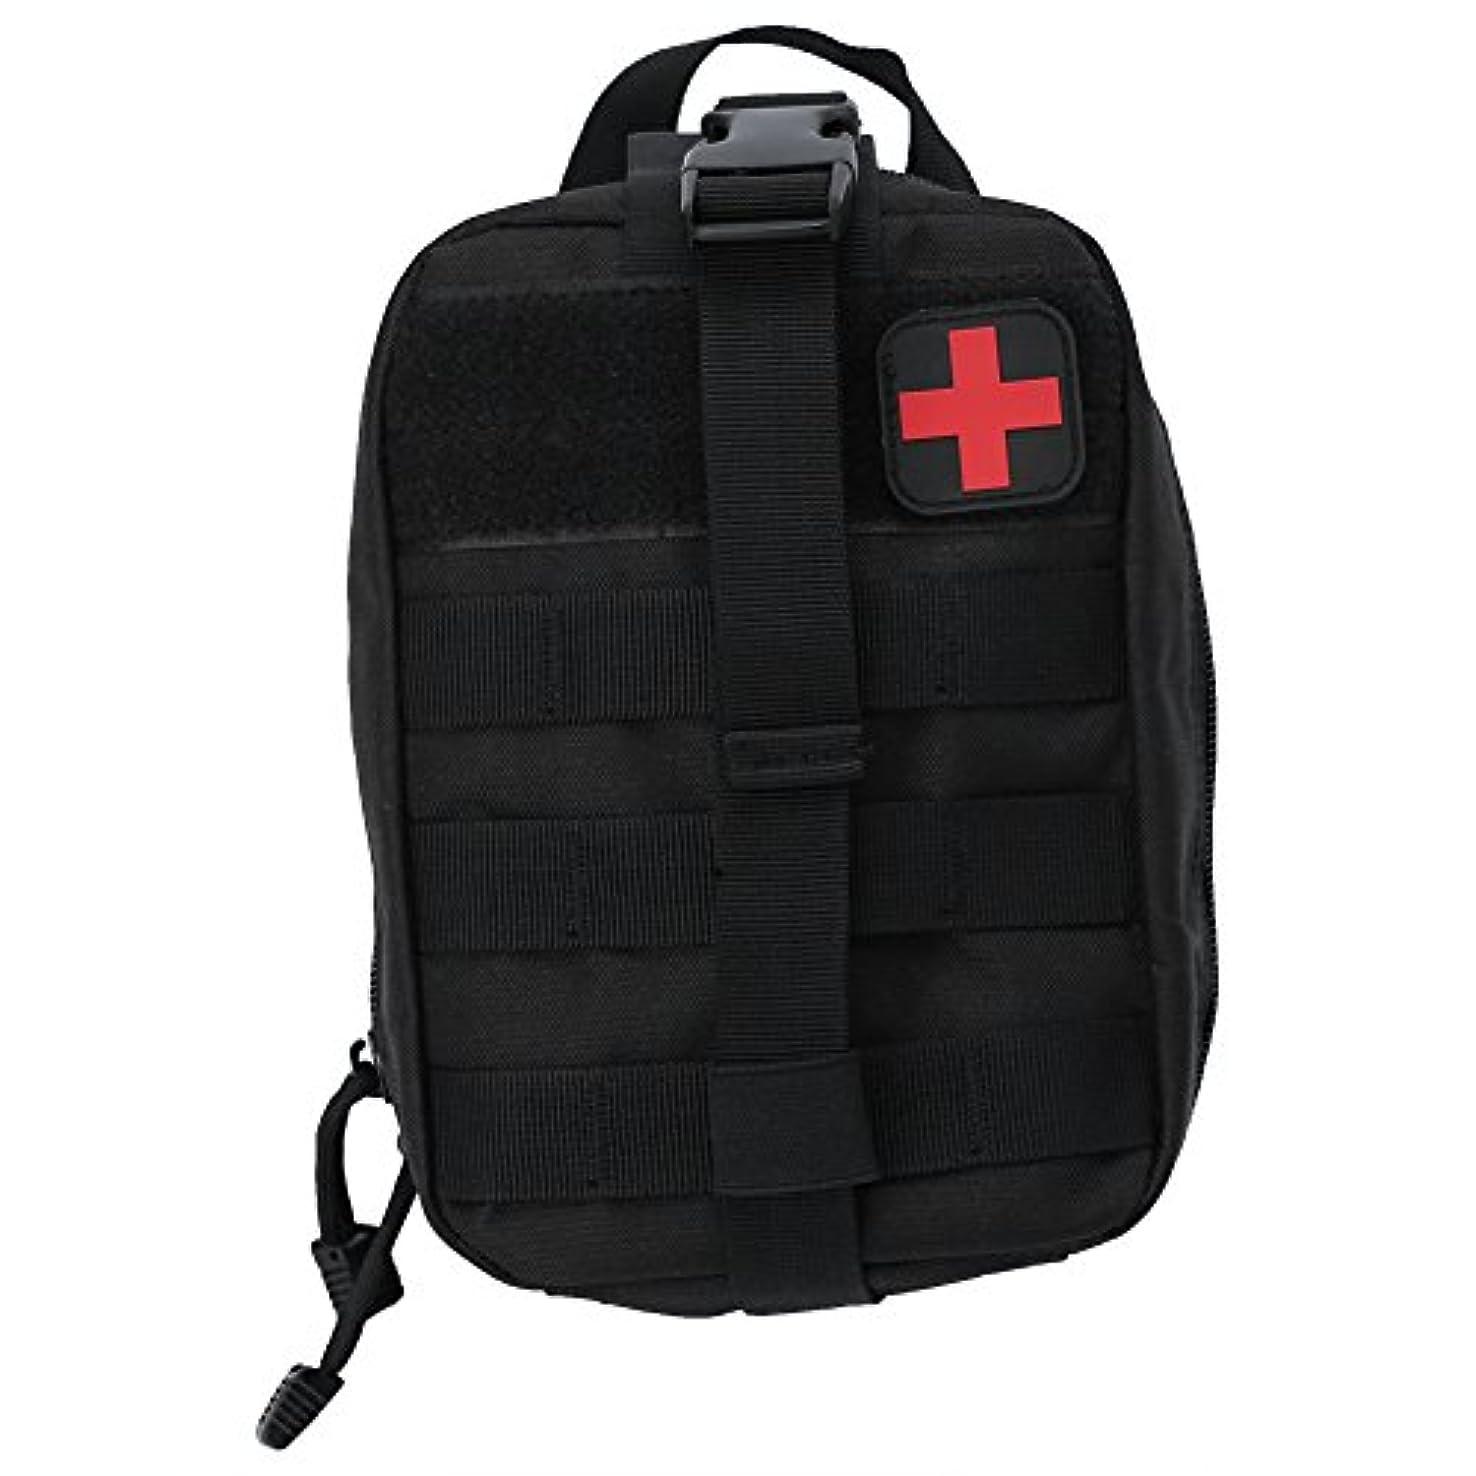 第二に未就学誠意Eboxer 応急処置袋 新しい型! ポーチ  応急処置セット 収納ポーチ  登山 防災用品 アウトドア 旅行用 耐摩耗性 防水